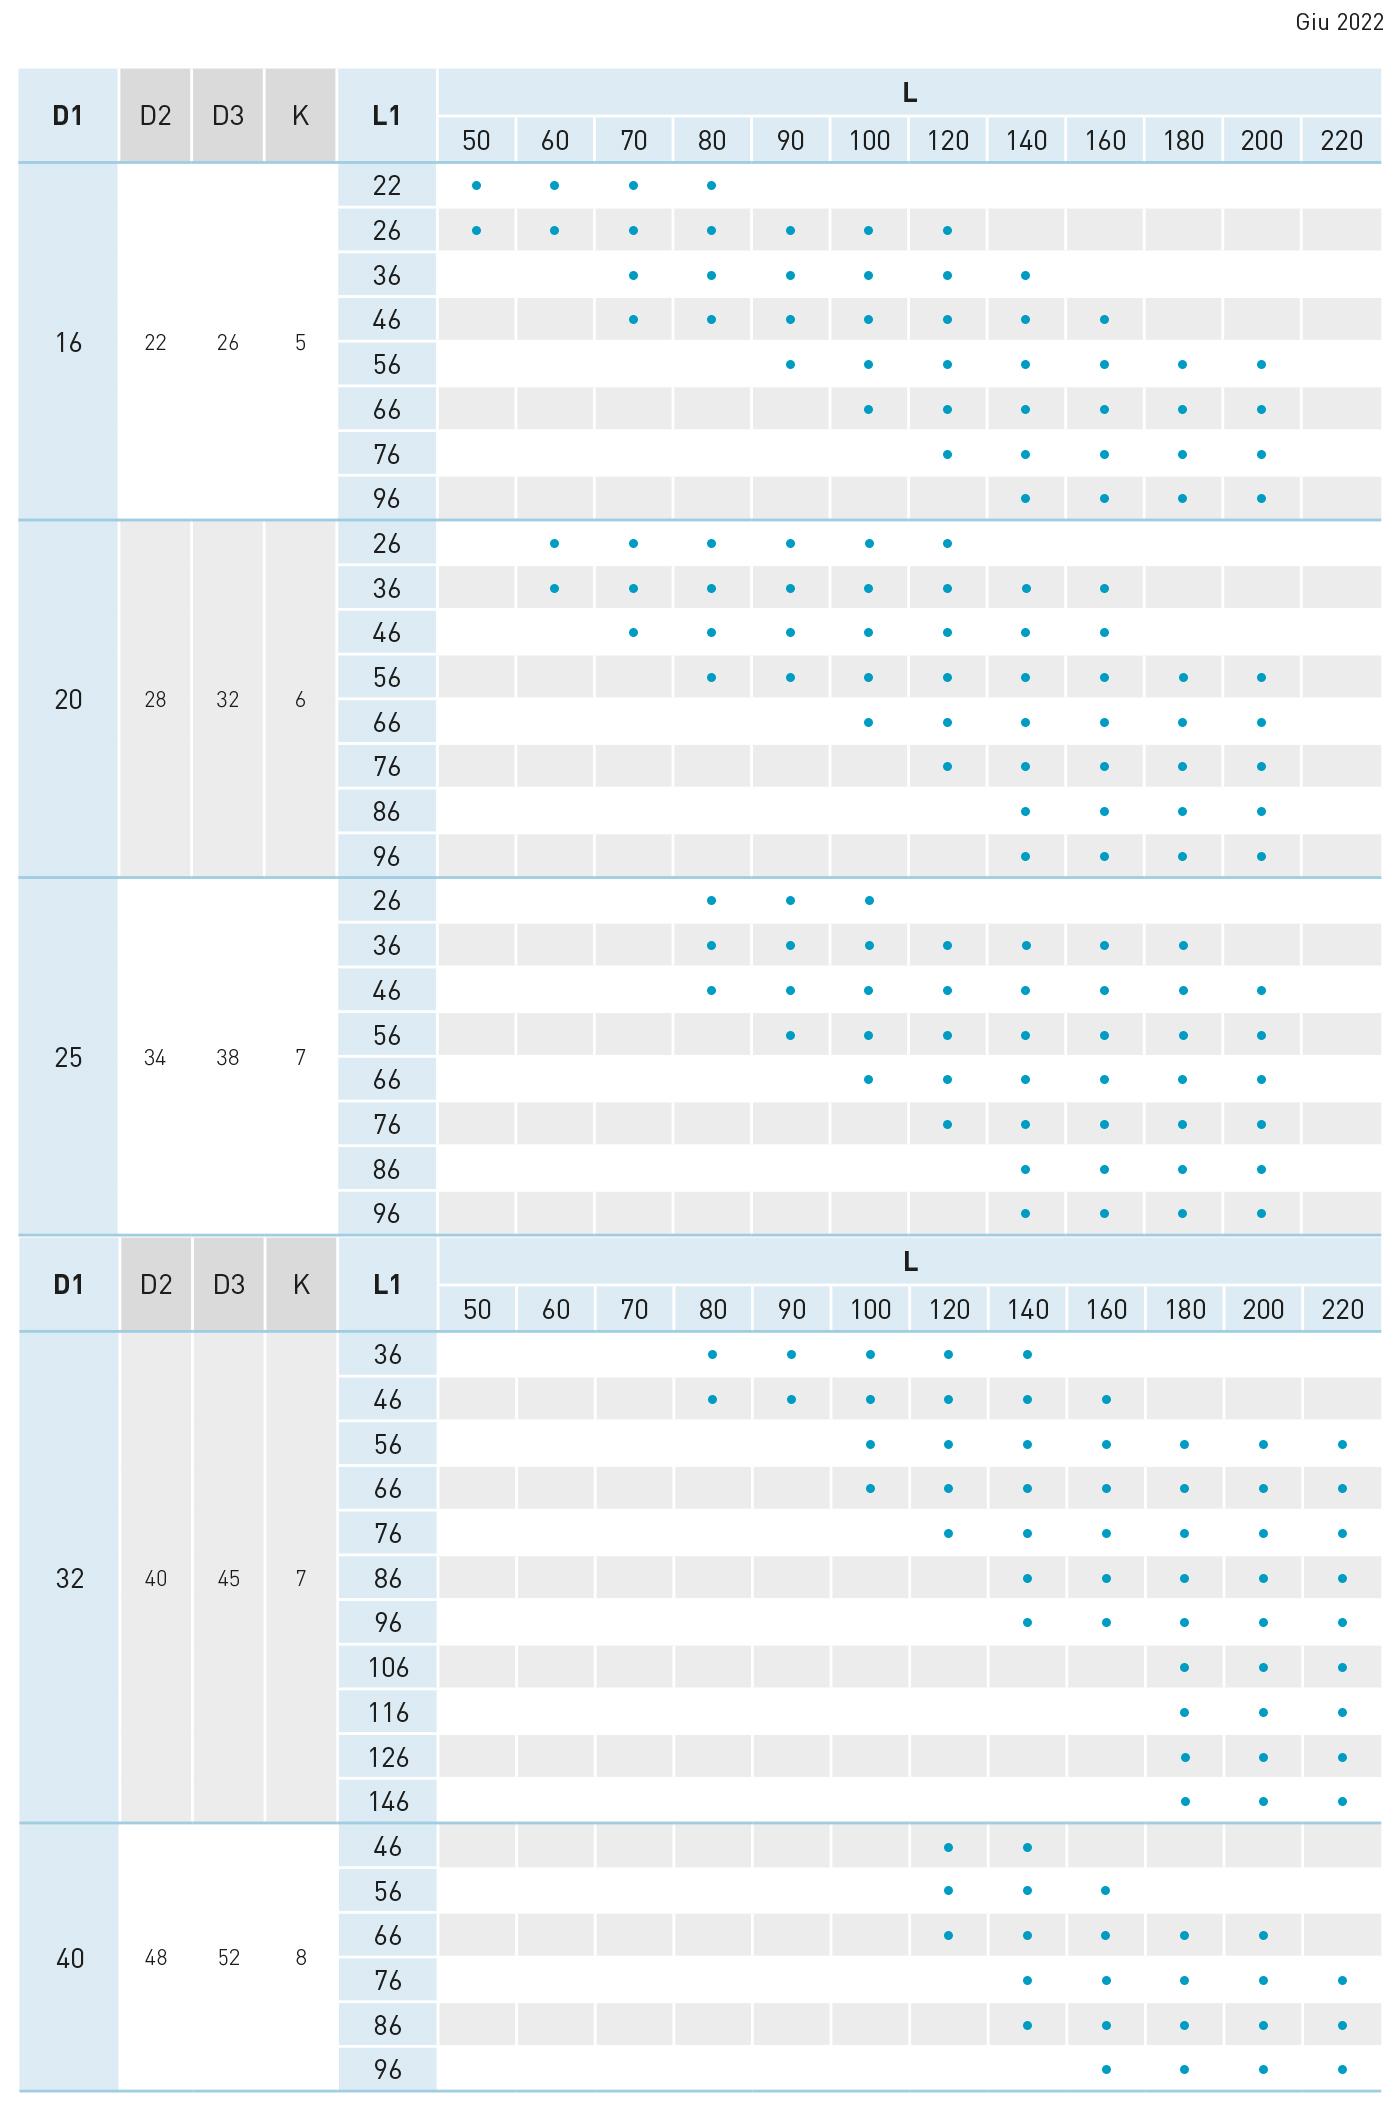 tabella colonna guida spallata EC1S